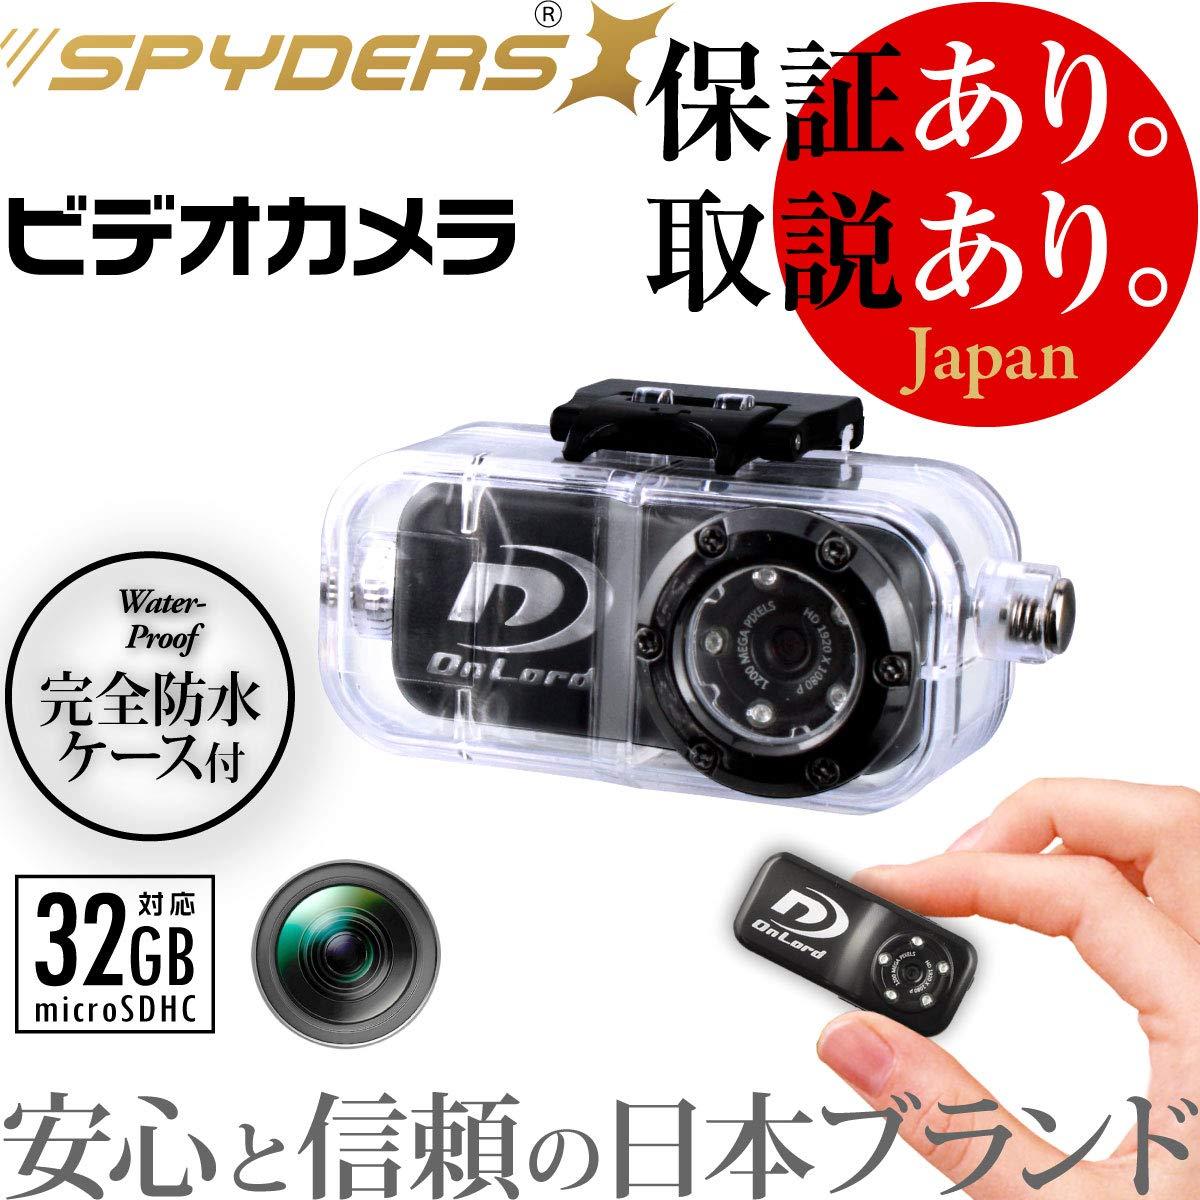 【有名人芸能人】 スパイダーズX 小型カメラ トイデジ 小型カメラ トイデジ 防水ケース スパイカメラ (A-350) 防水ケース B00MIHEABS, オクツチョウ:d96b166c --- mfphoto.ie